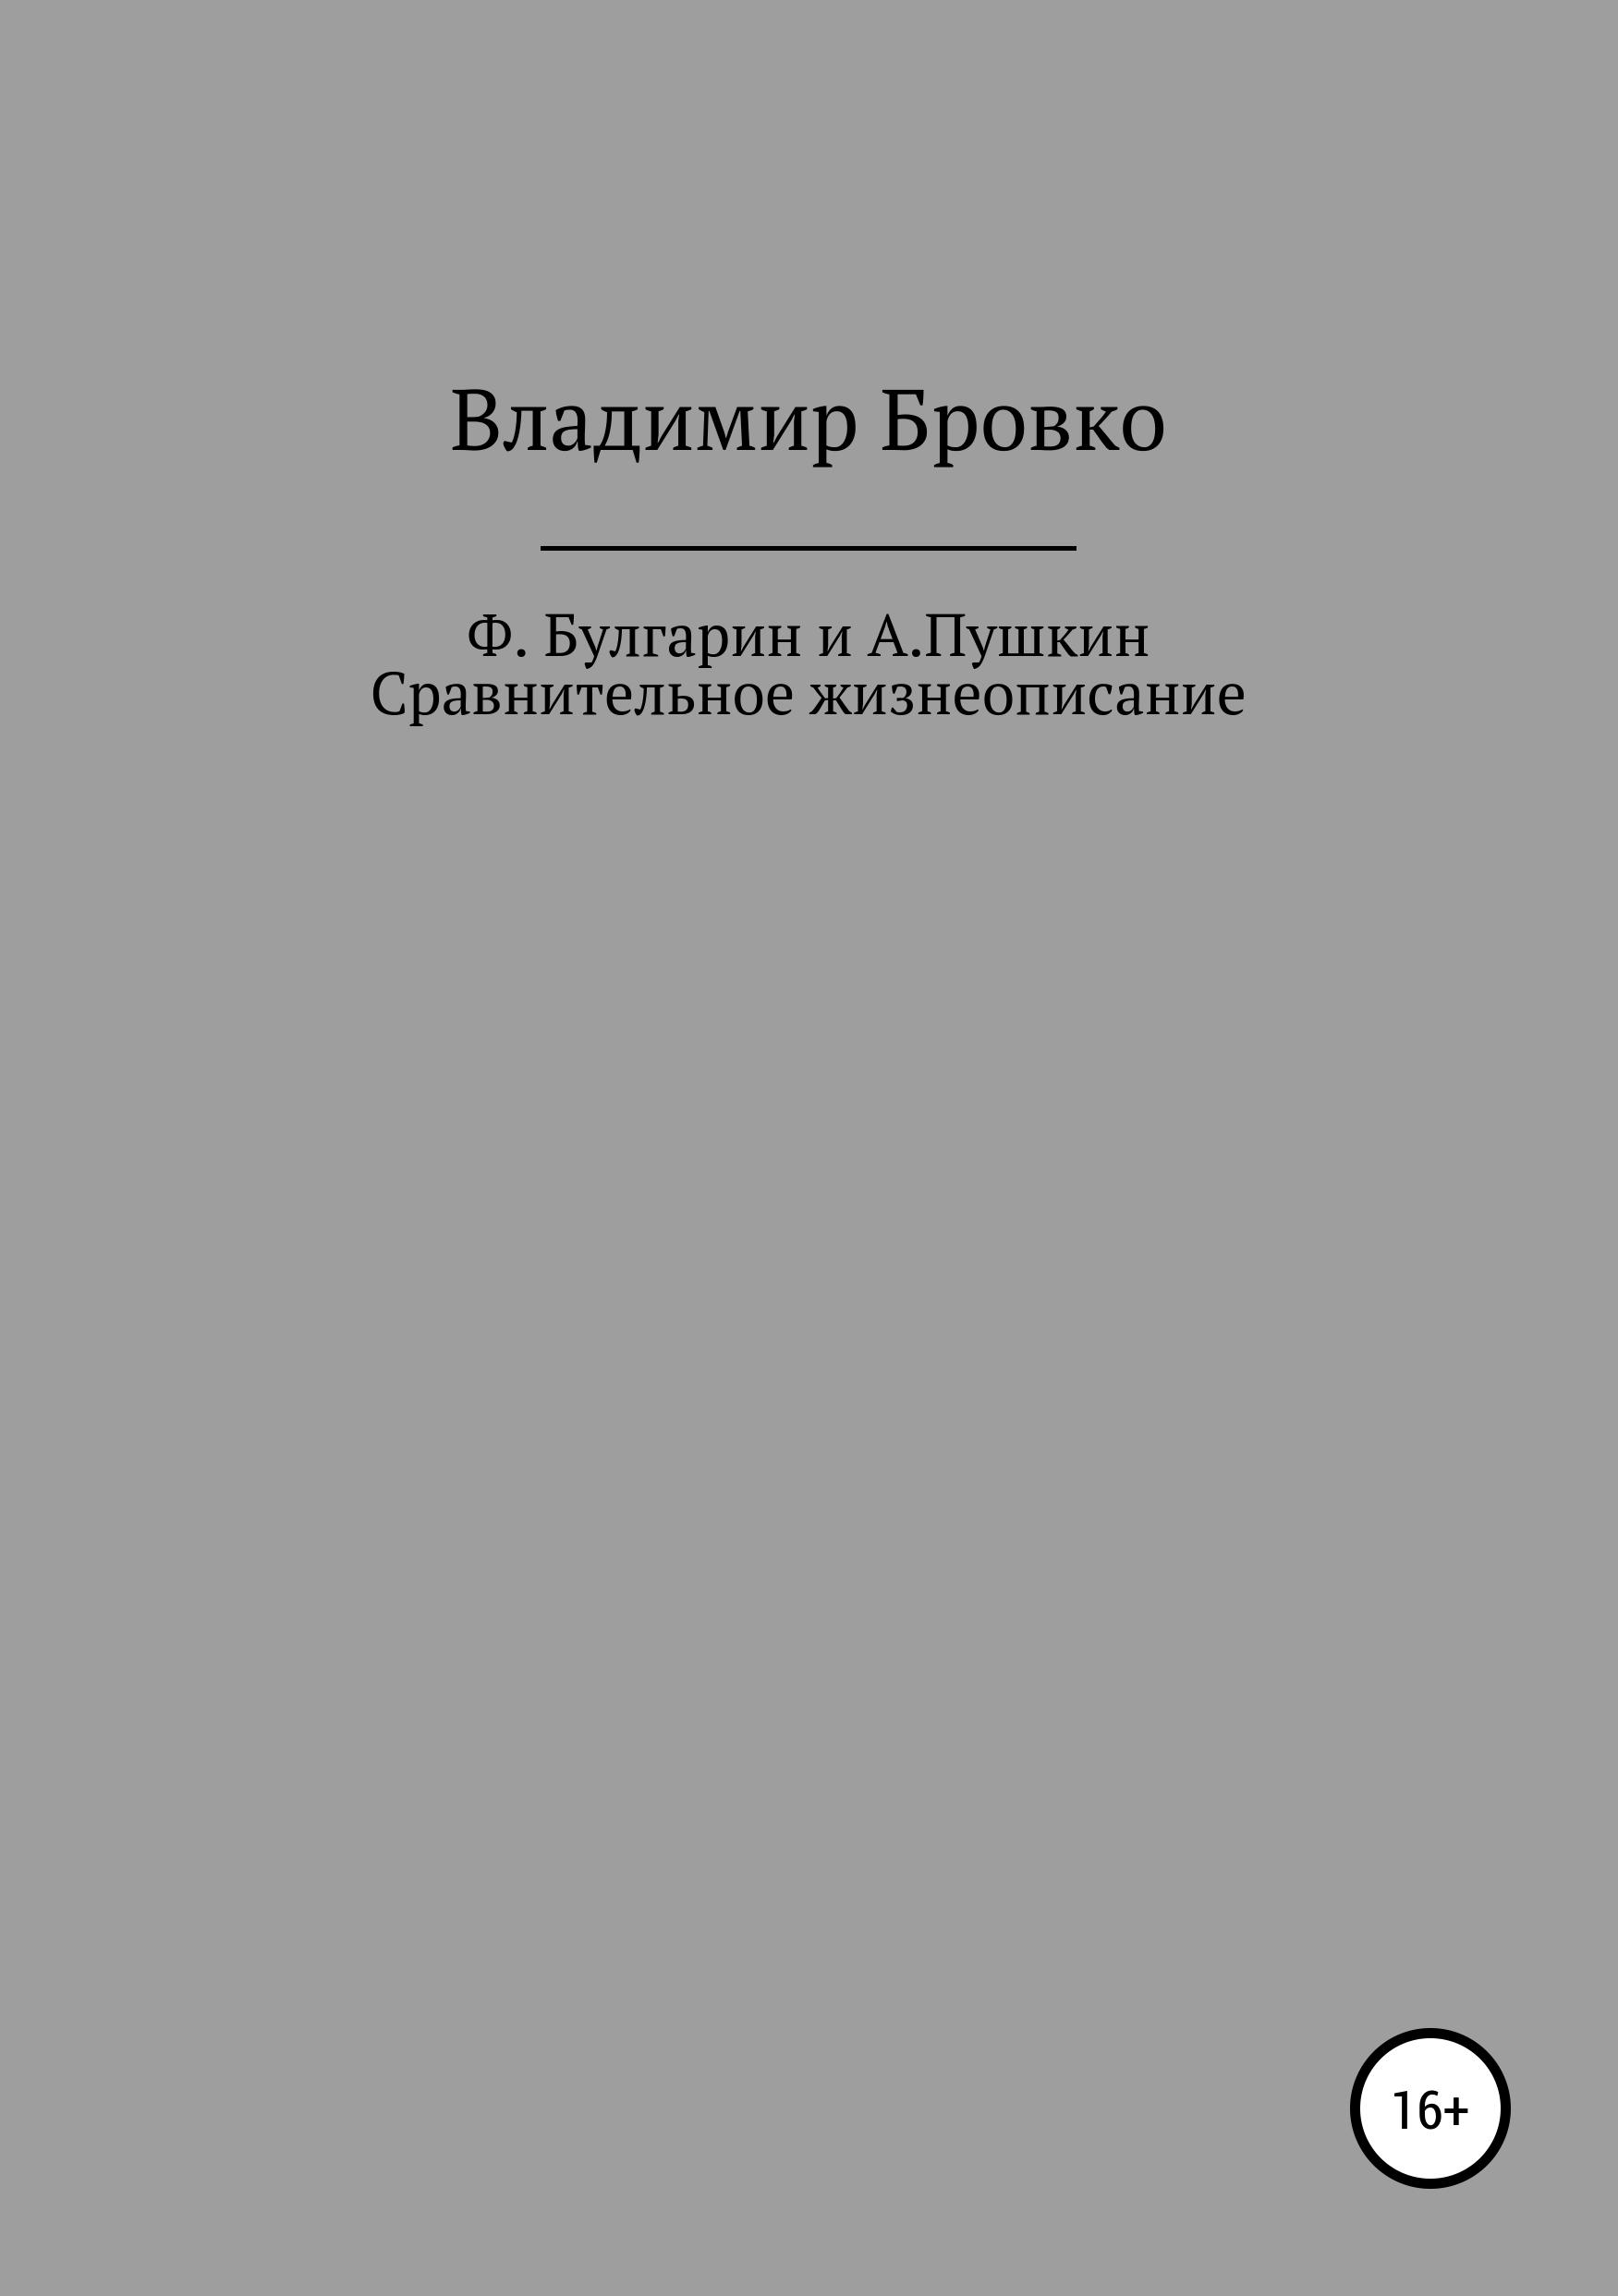 Ф.Булгарин и А.Пушкин. Сравнительное жизнеописание